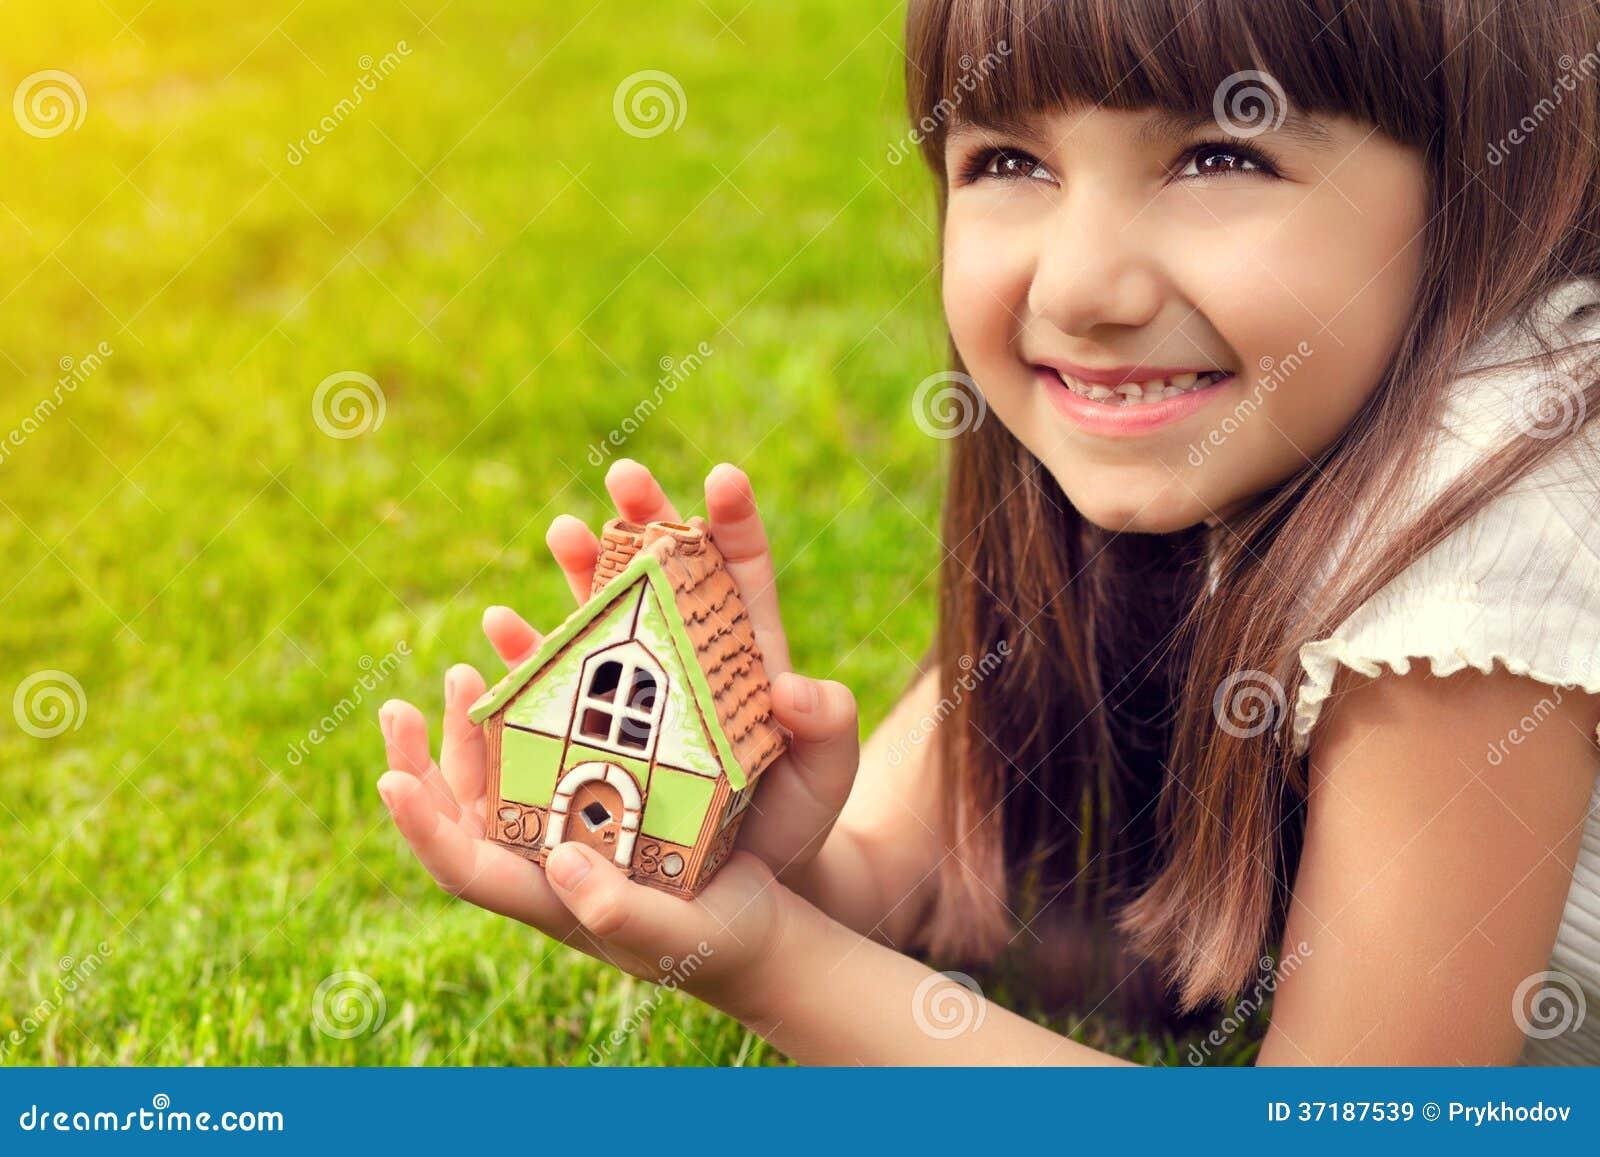 Porträt eines kleinen Mädchens mit Haus in der Hand auf einem Hintergrund von